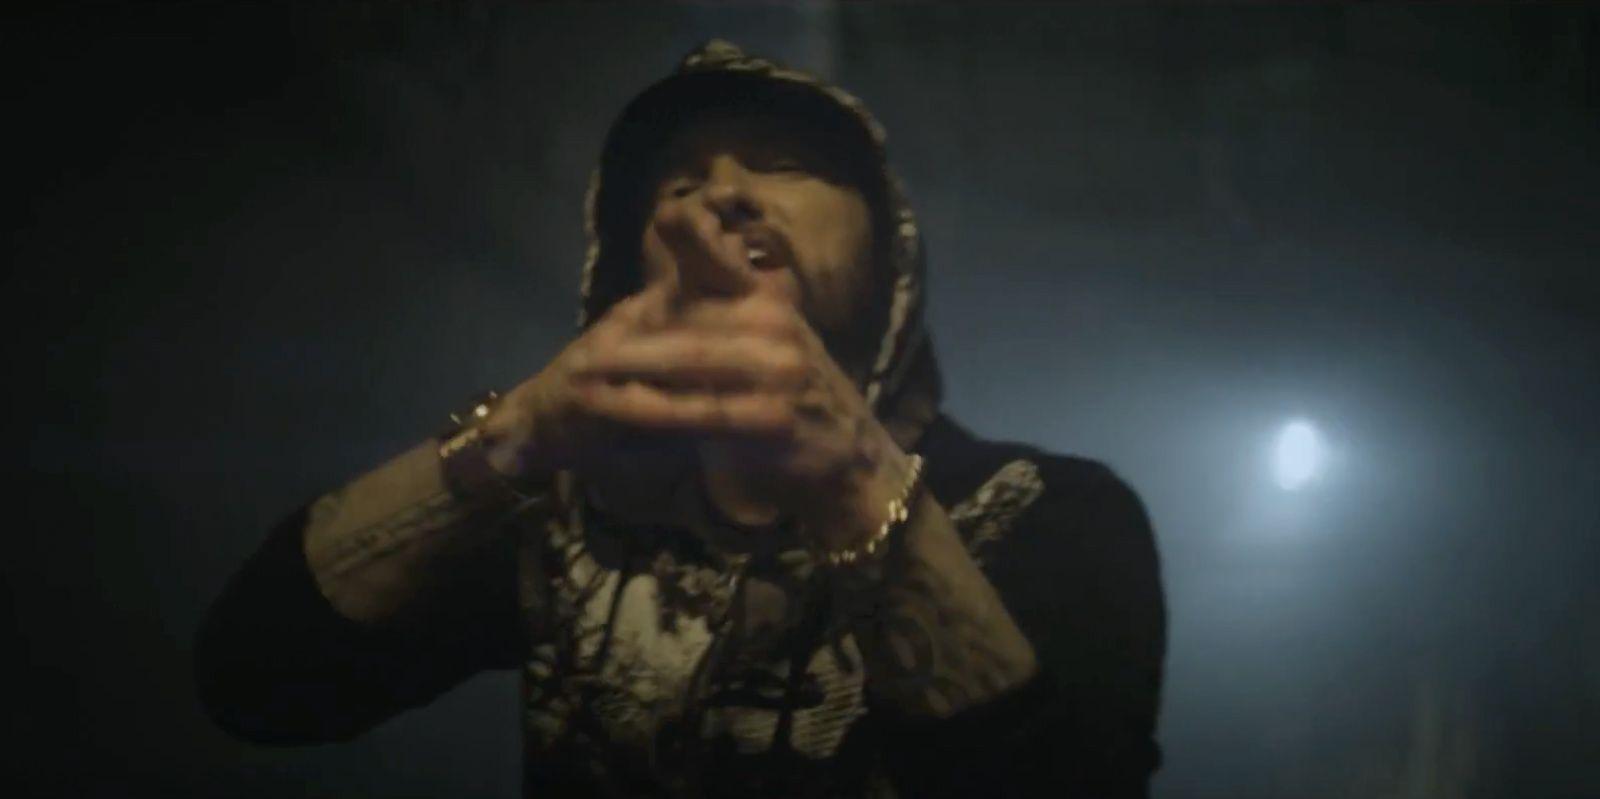 Symbiotes Take Over in Eminem's Venom Music Video | CBR